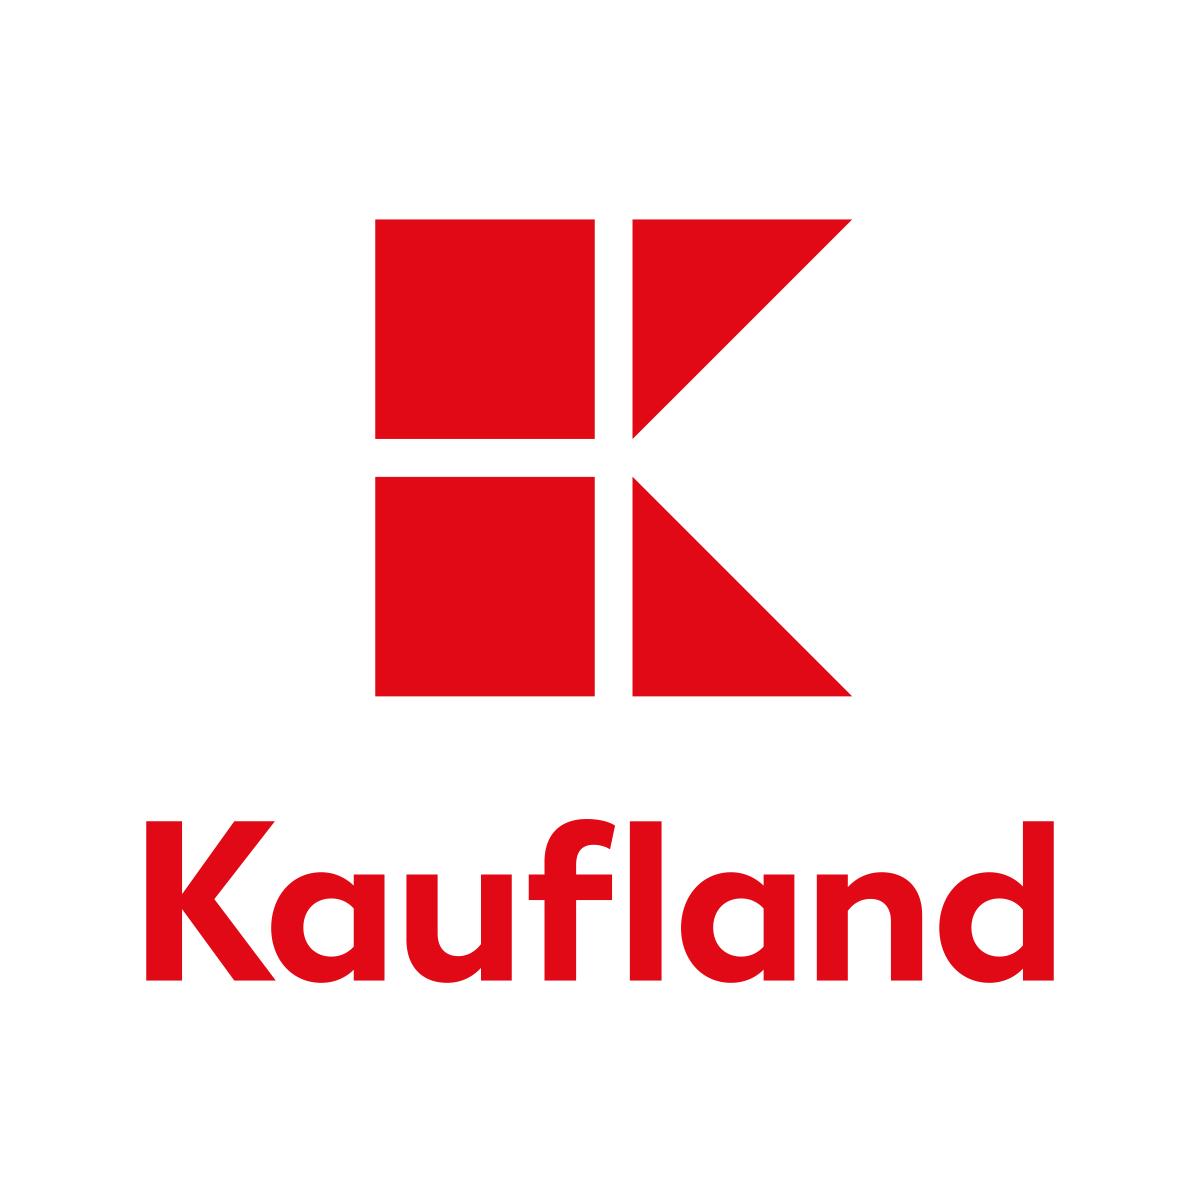 Kaufland Lieferservice: die ersten 3 Bestellungen komplett versandkostenfrei [Berlin]